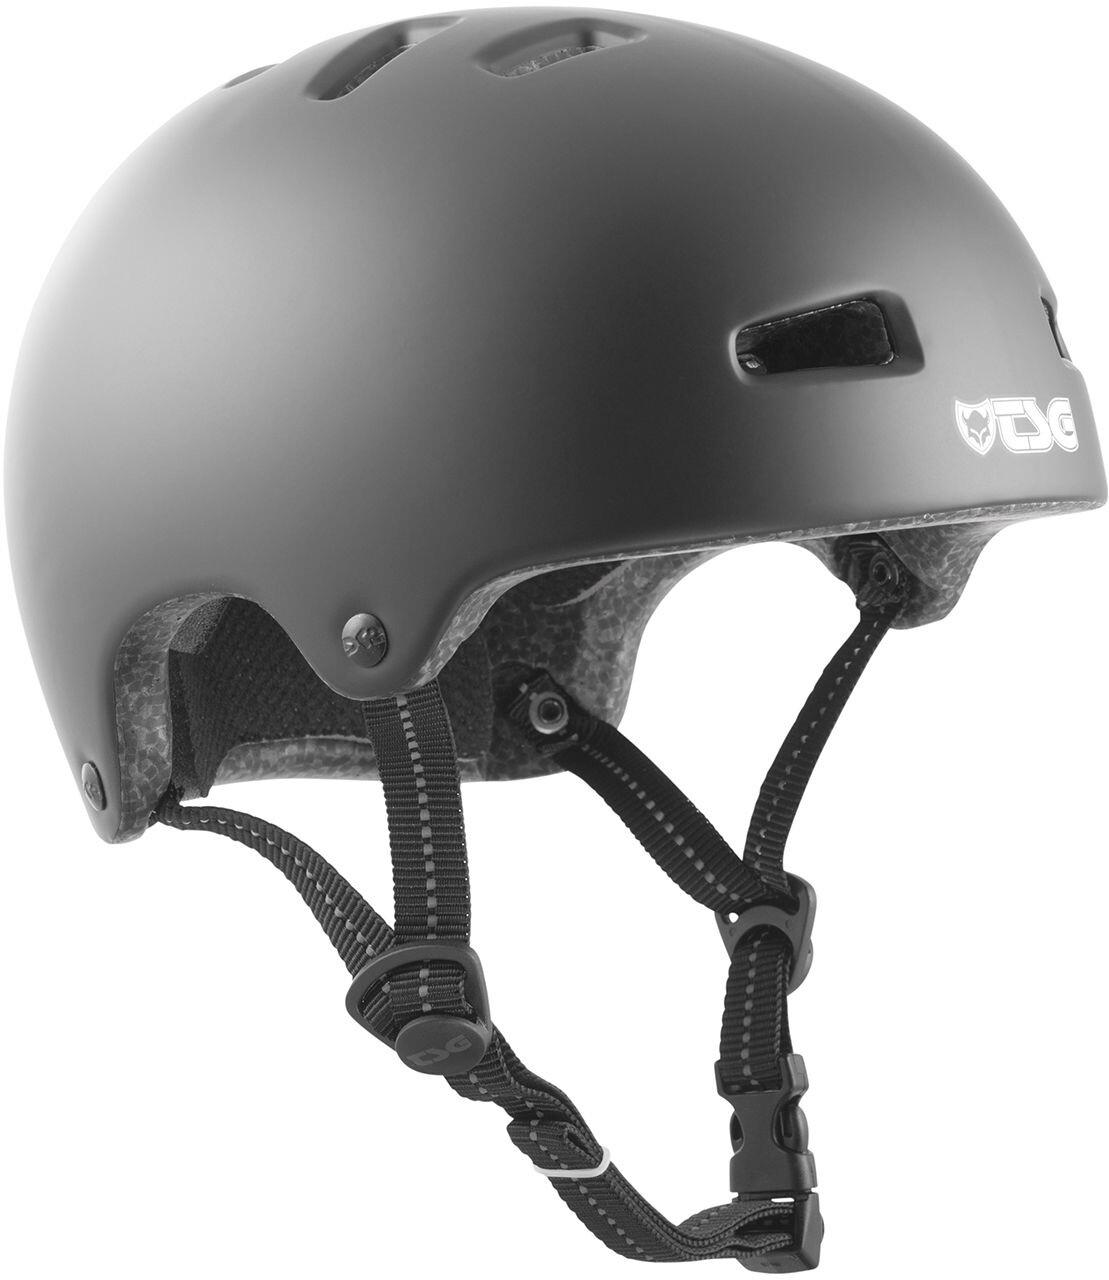 TSG Nipper Mini Solid Color Cykelhjelm Børn, satin black | Hjelme